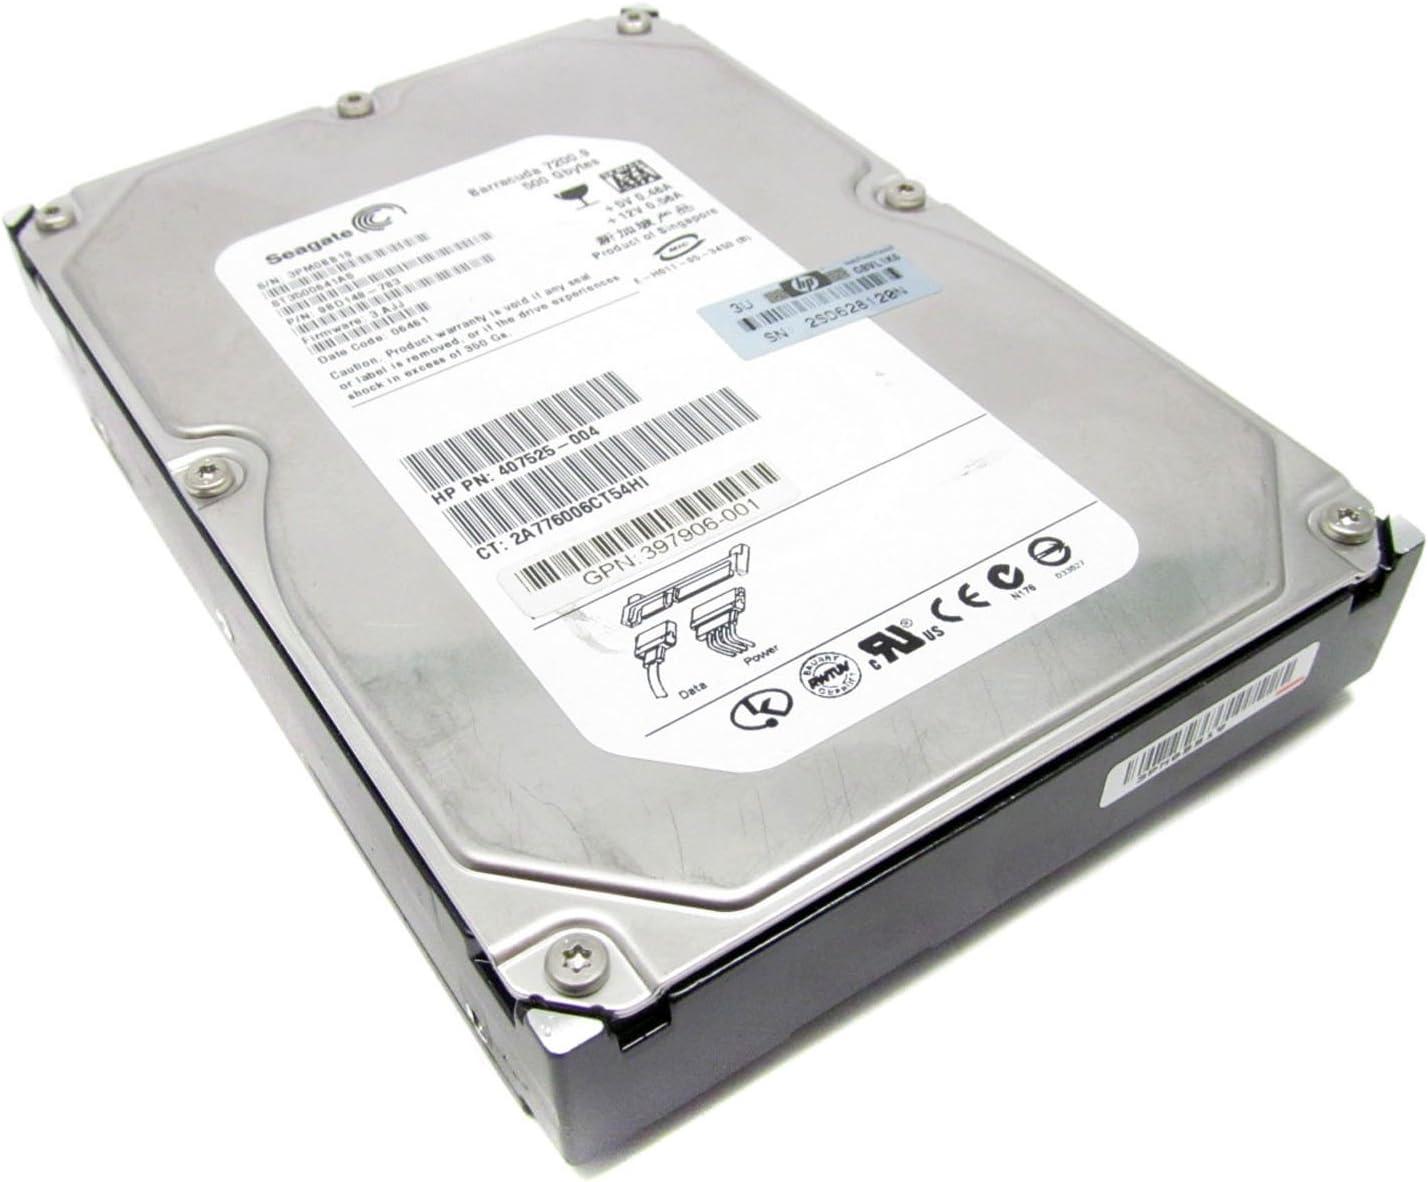 HP 407525-004 500GB 7200 RPM SATA 7-pin Hot-Swap 3.5 Inch Hard Drive.